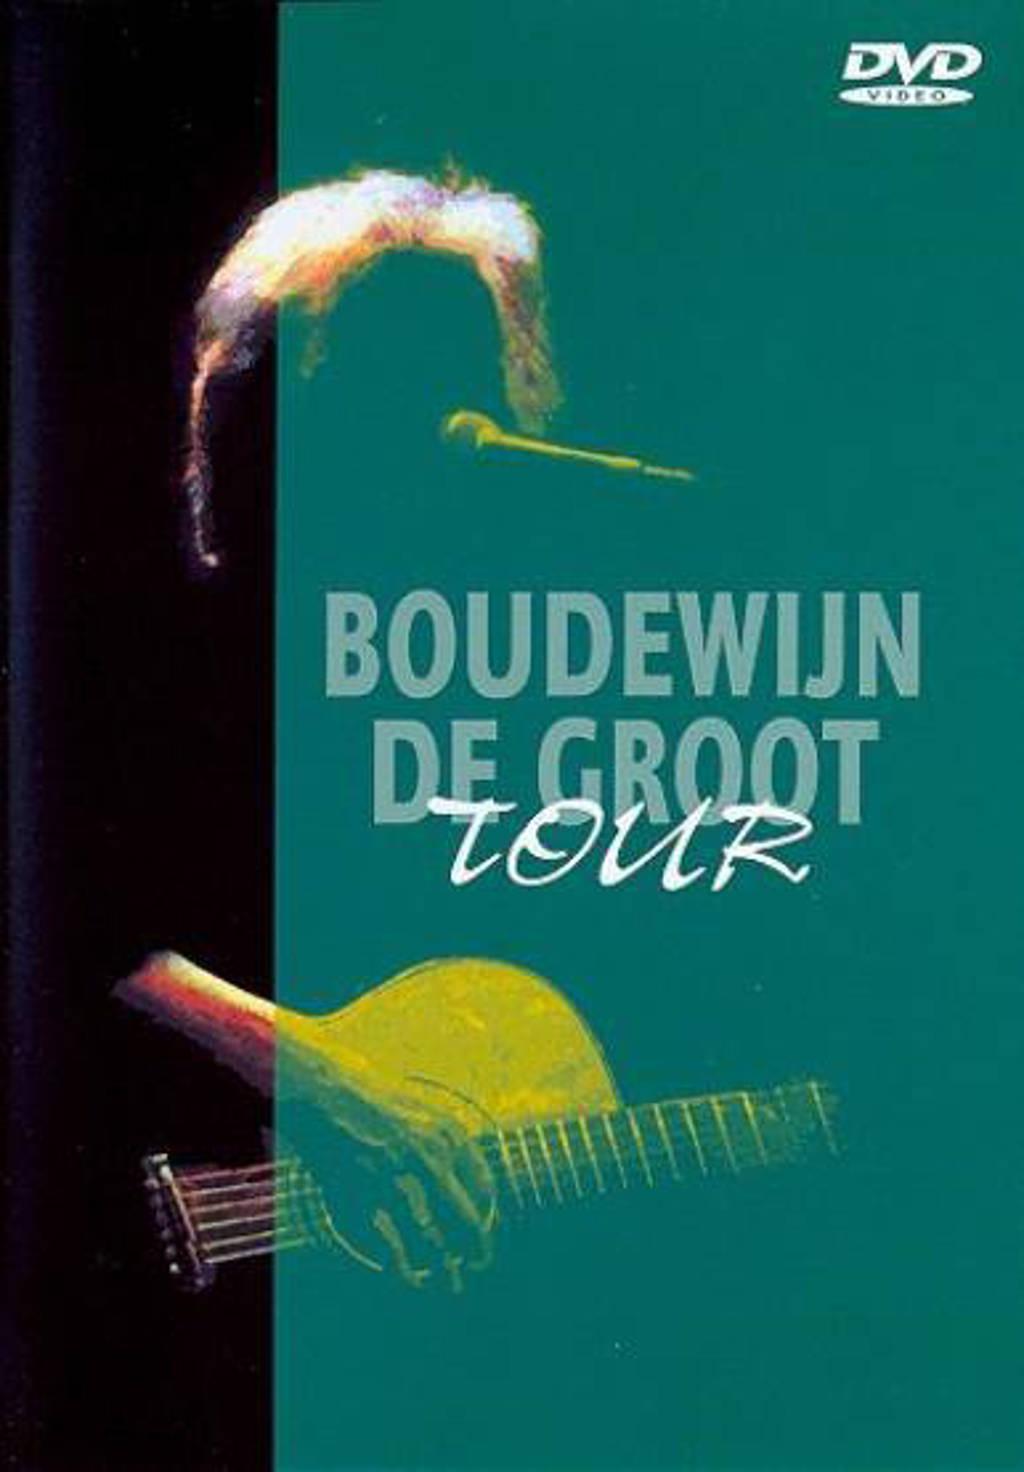 Boudewijn de Groot - tour 1999 (DVD)